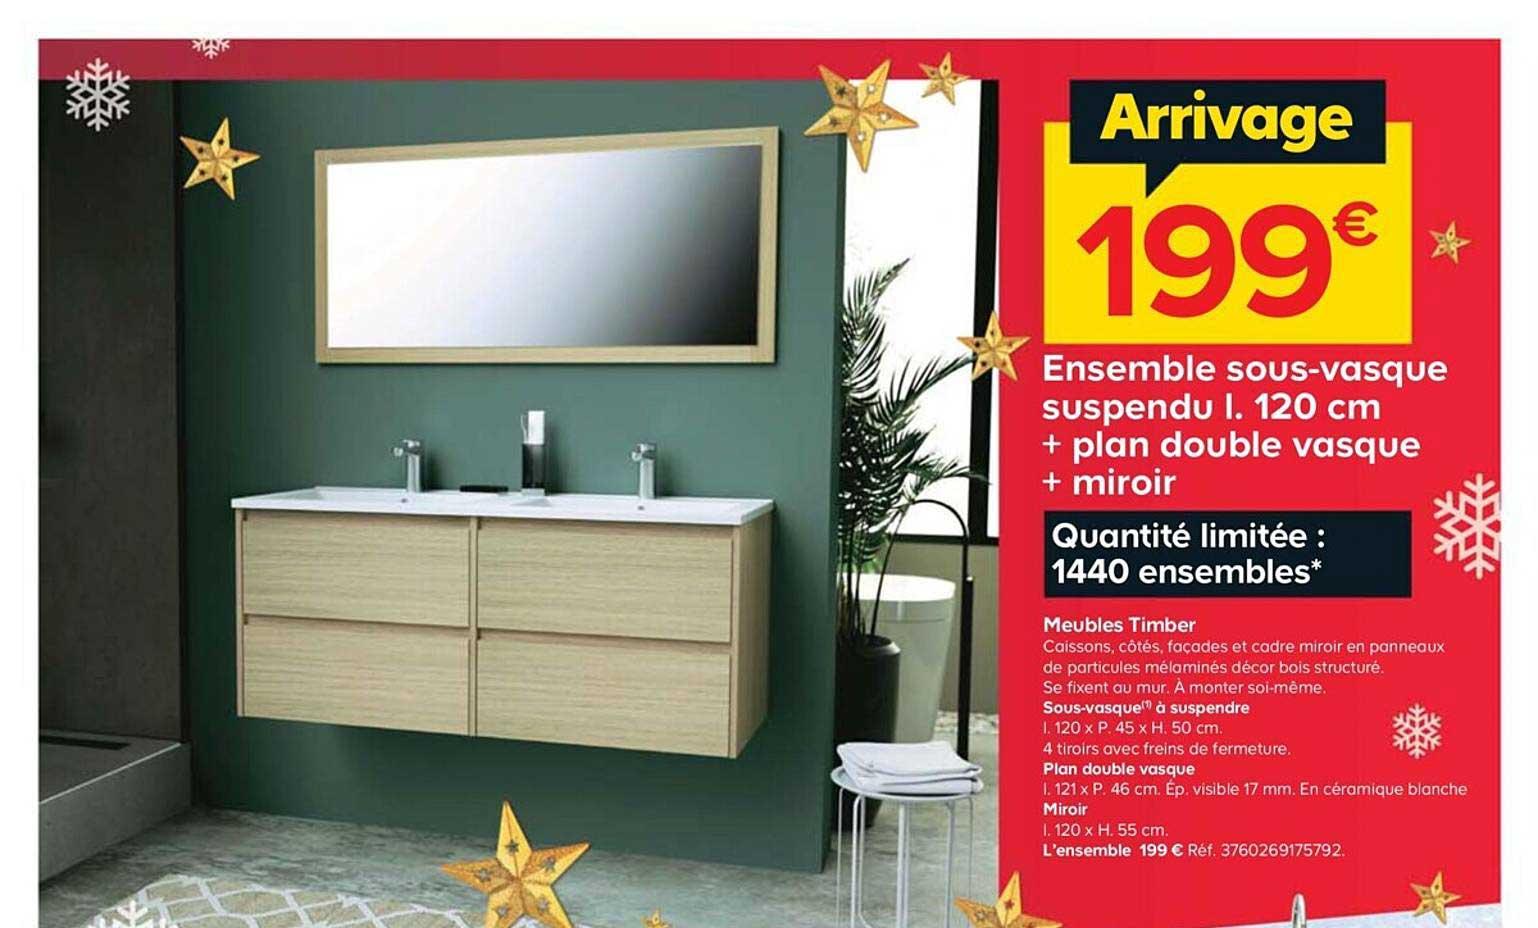 Offre Ensemble Sous Vasque Suspendu I 120 Cm Plan Double Vasque Miroir Chez Castorama